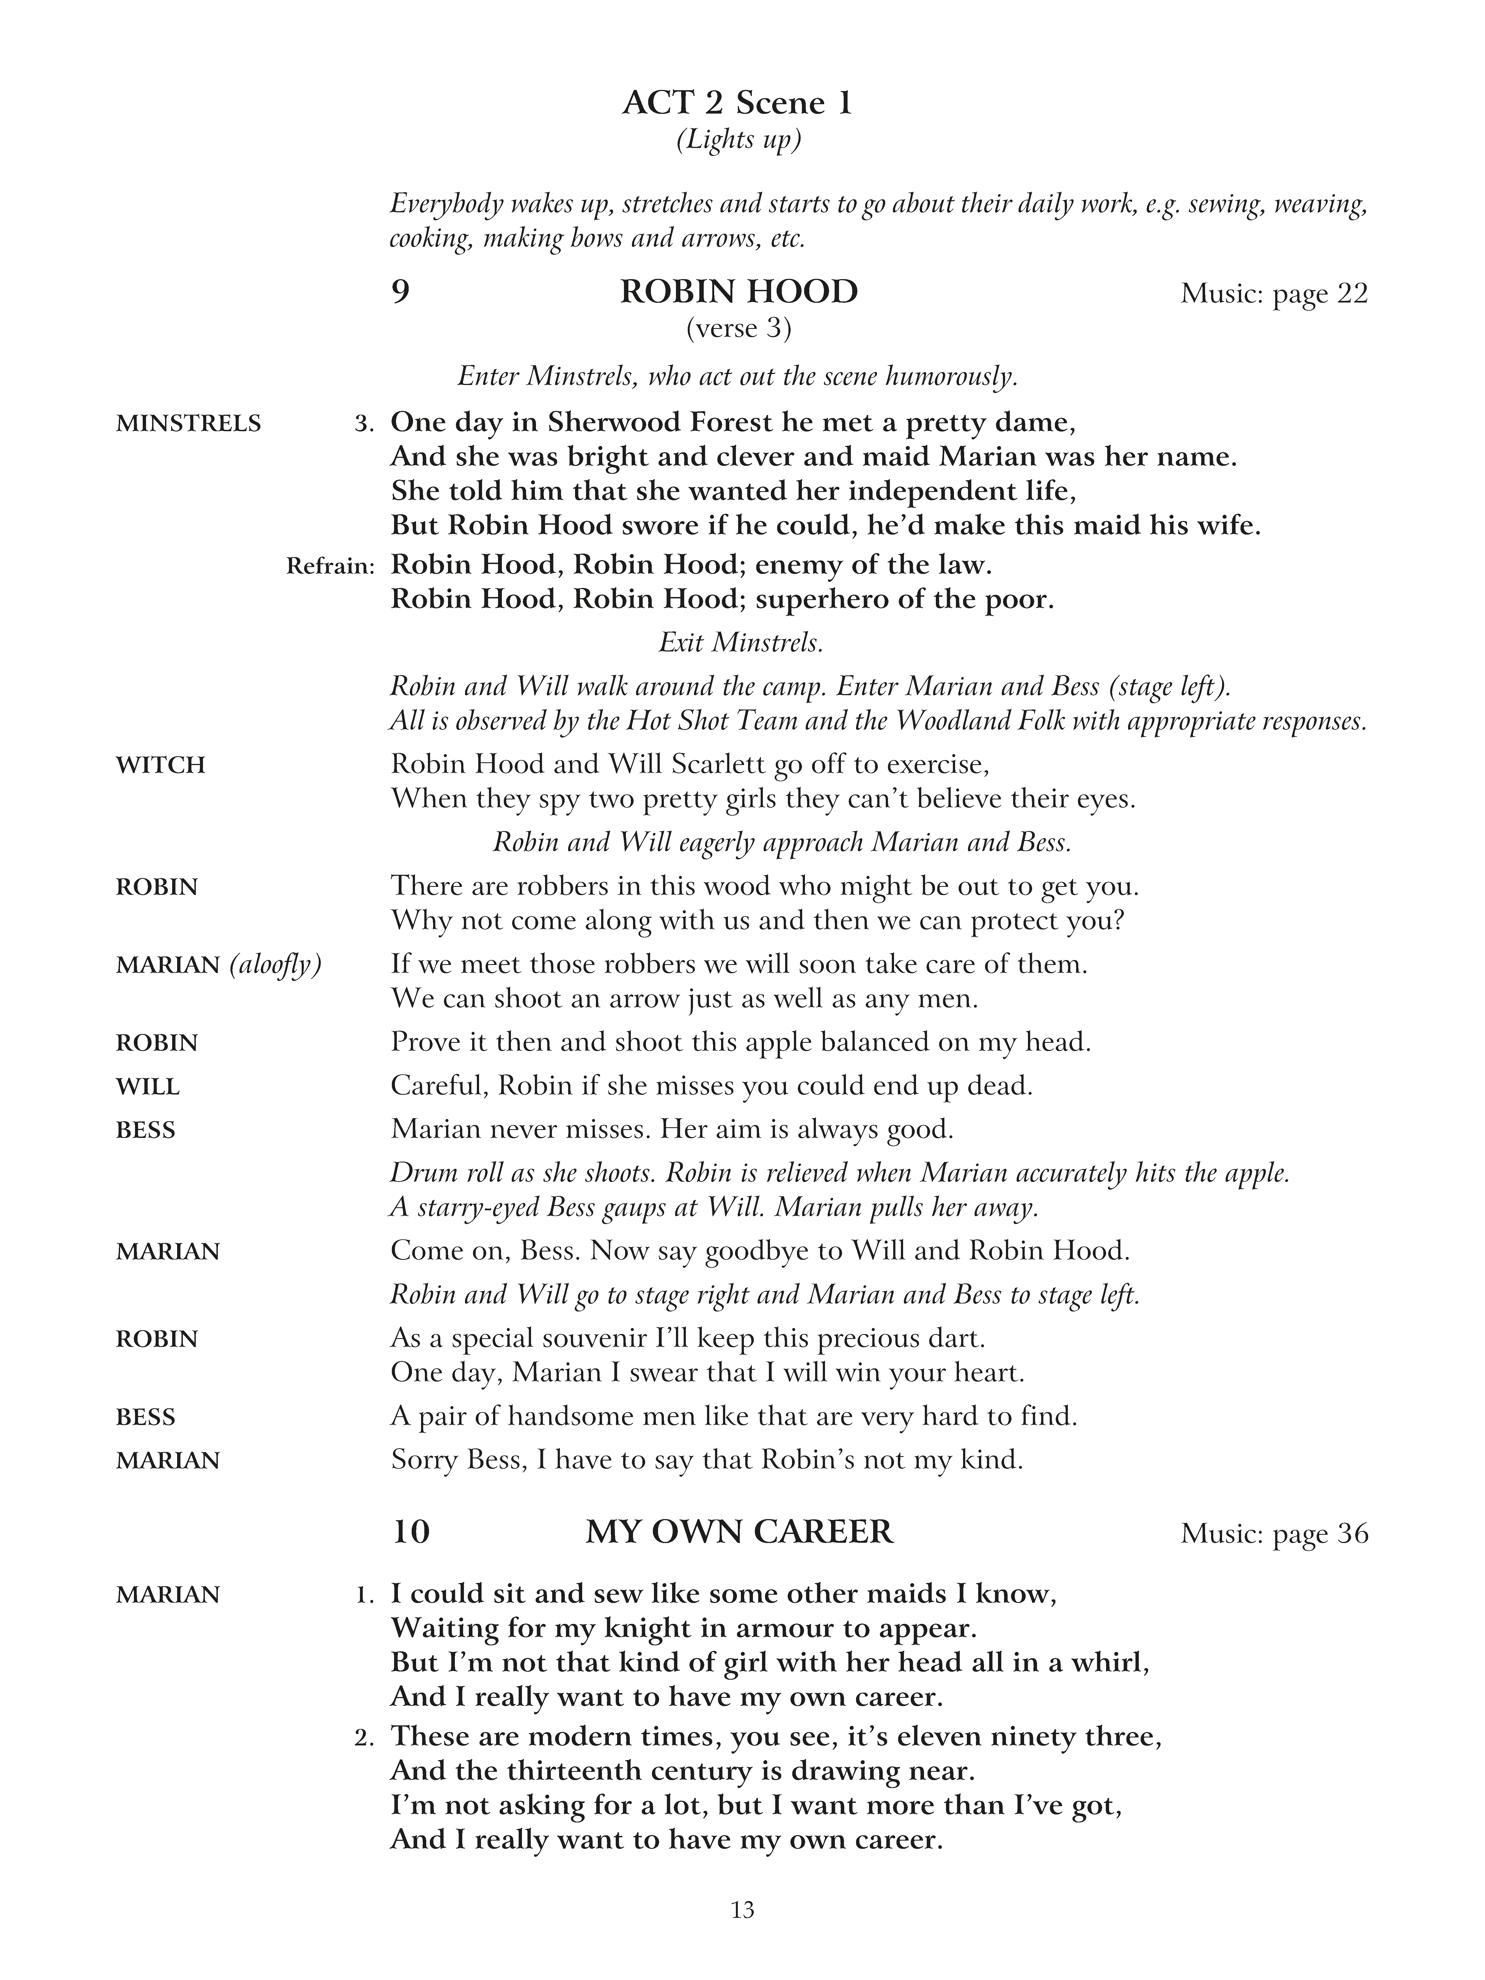 Robin Hood & Friends_Script_Sample